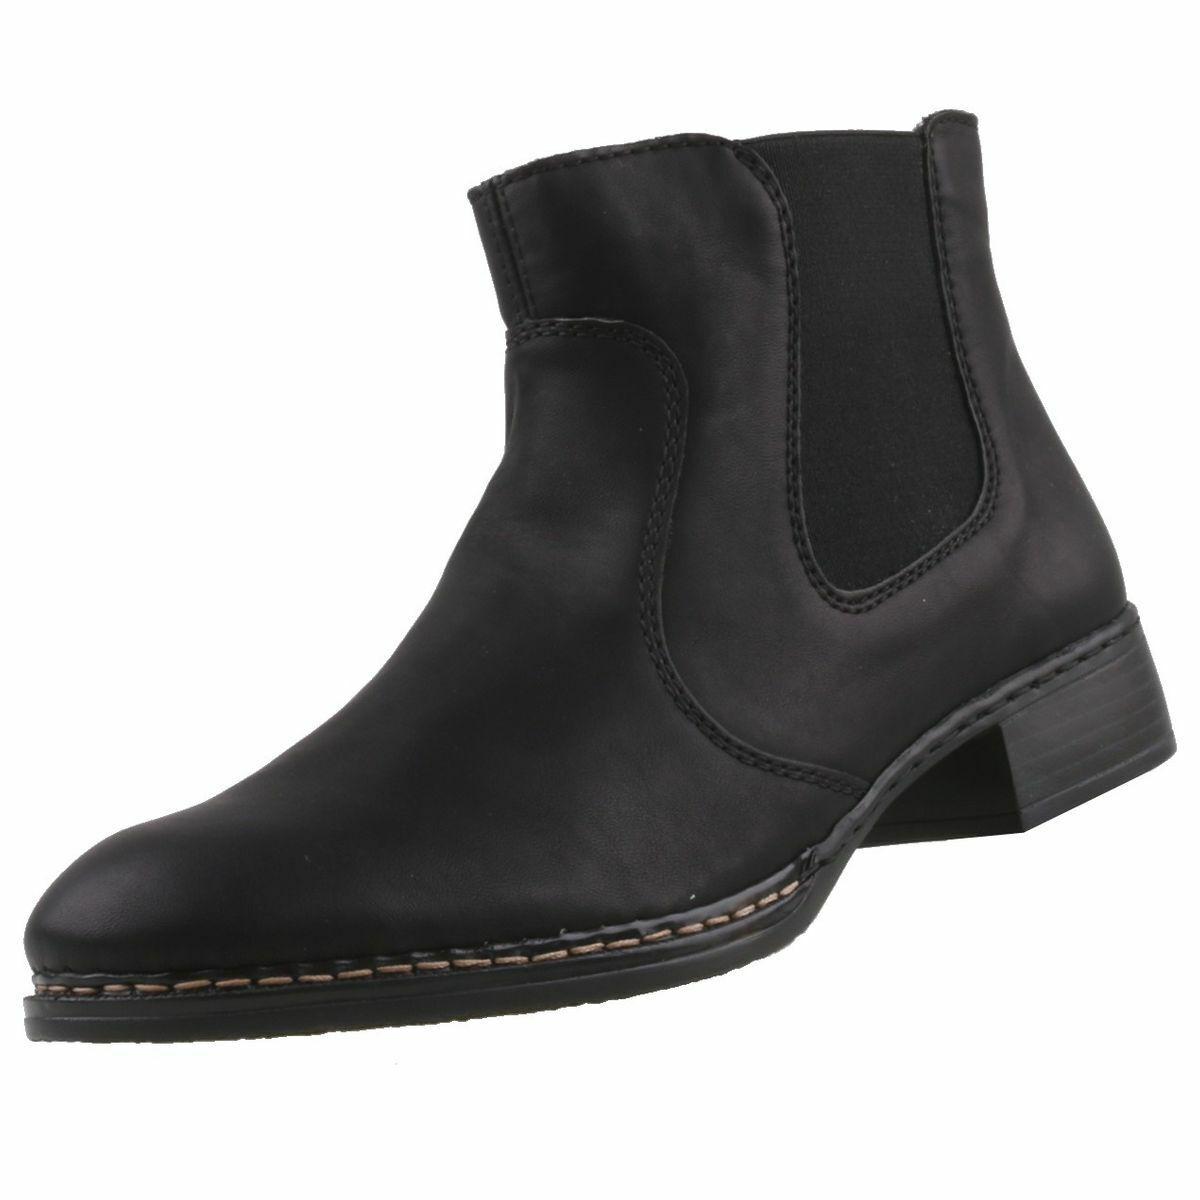 Nouveau Rieker chaussures femmes Bottines bottes bottes femmes chaussures femmes Bottine